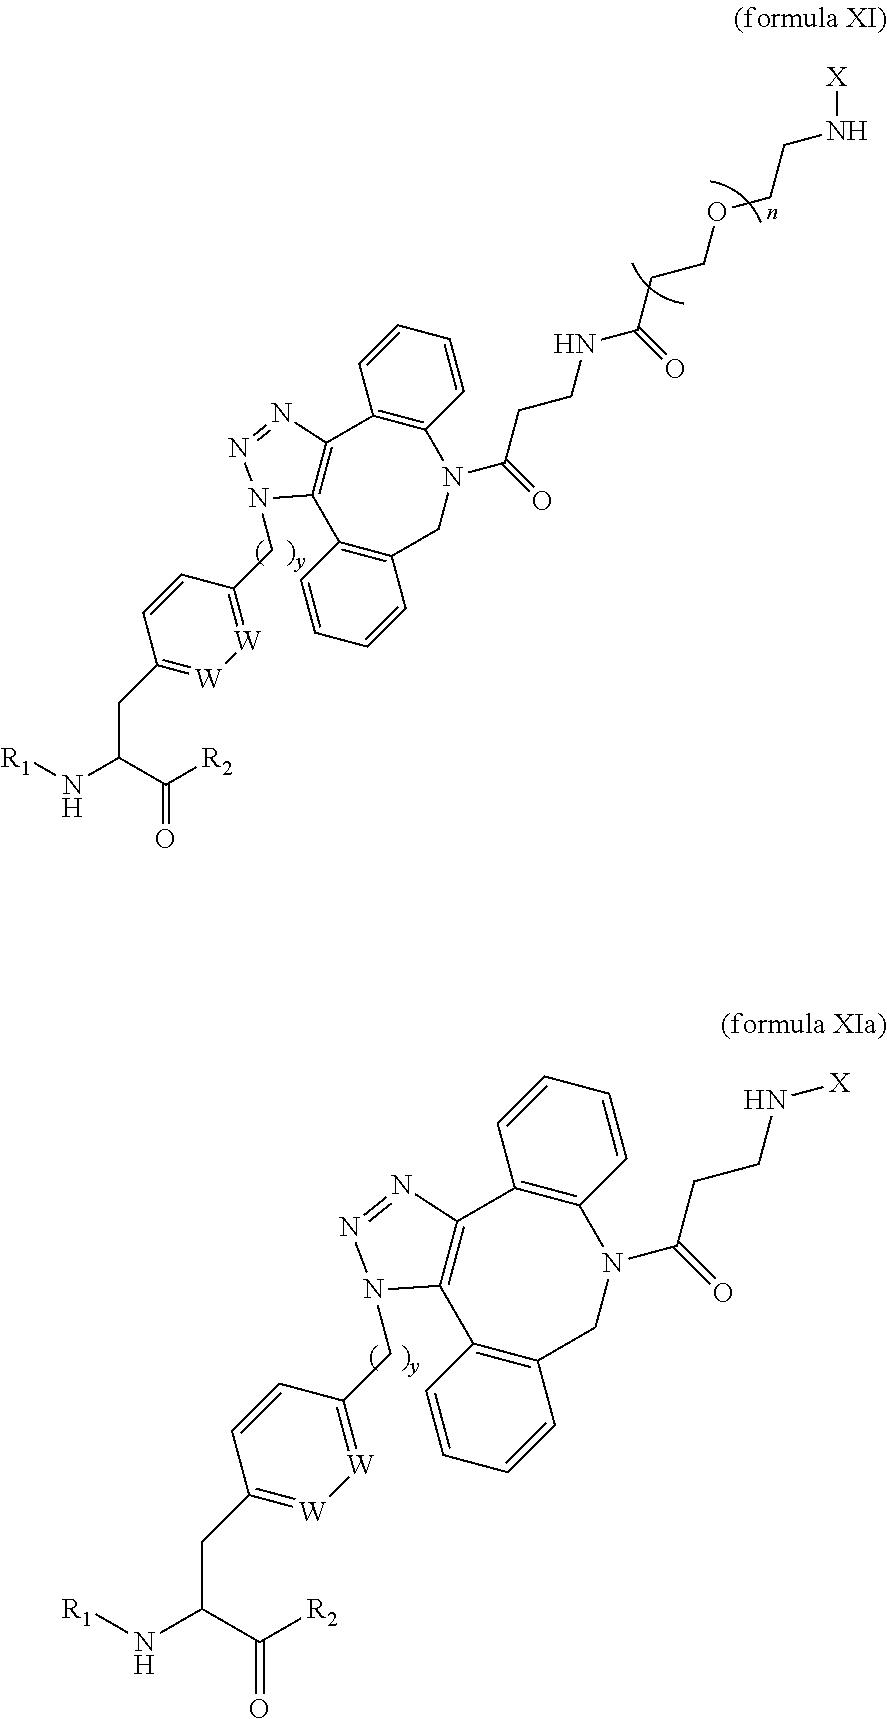 Figure US20180333484A1-20181122-C00035